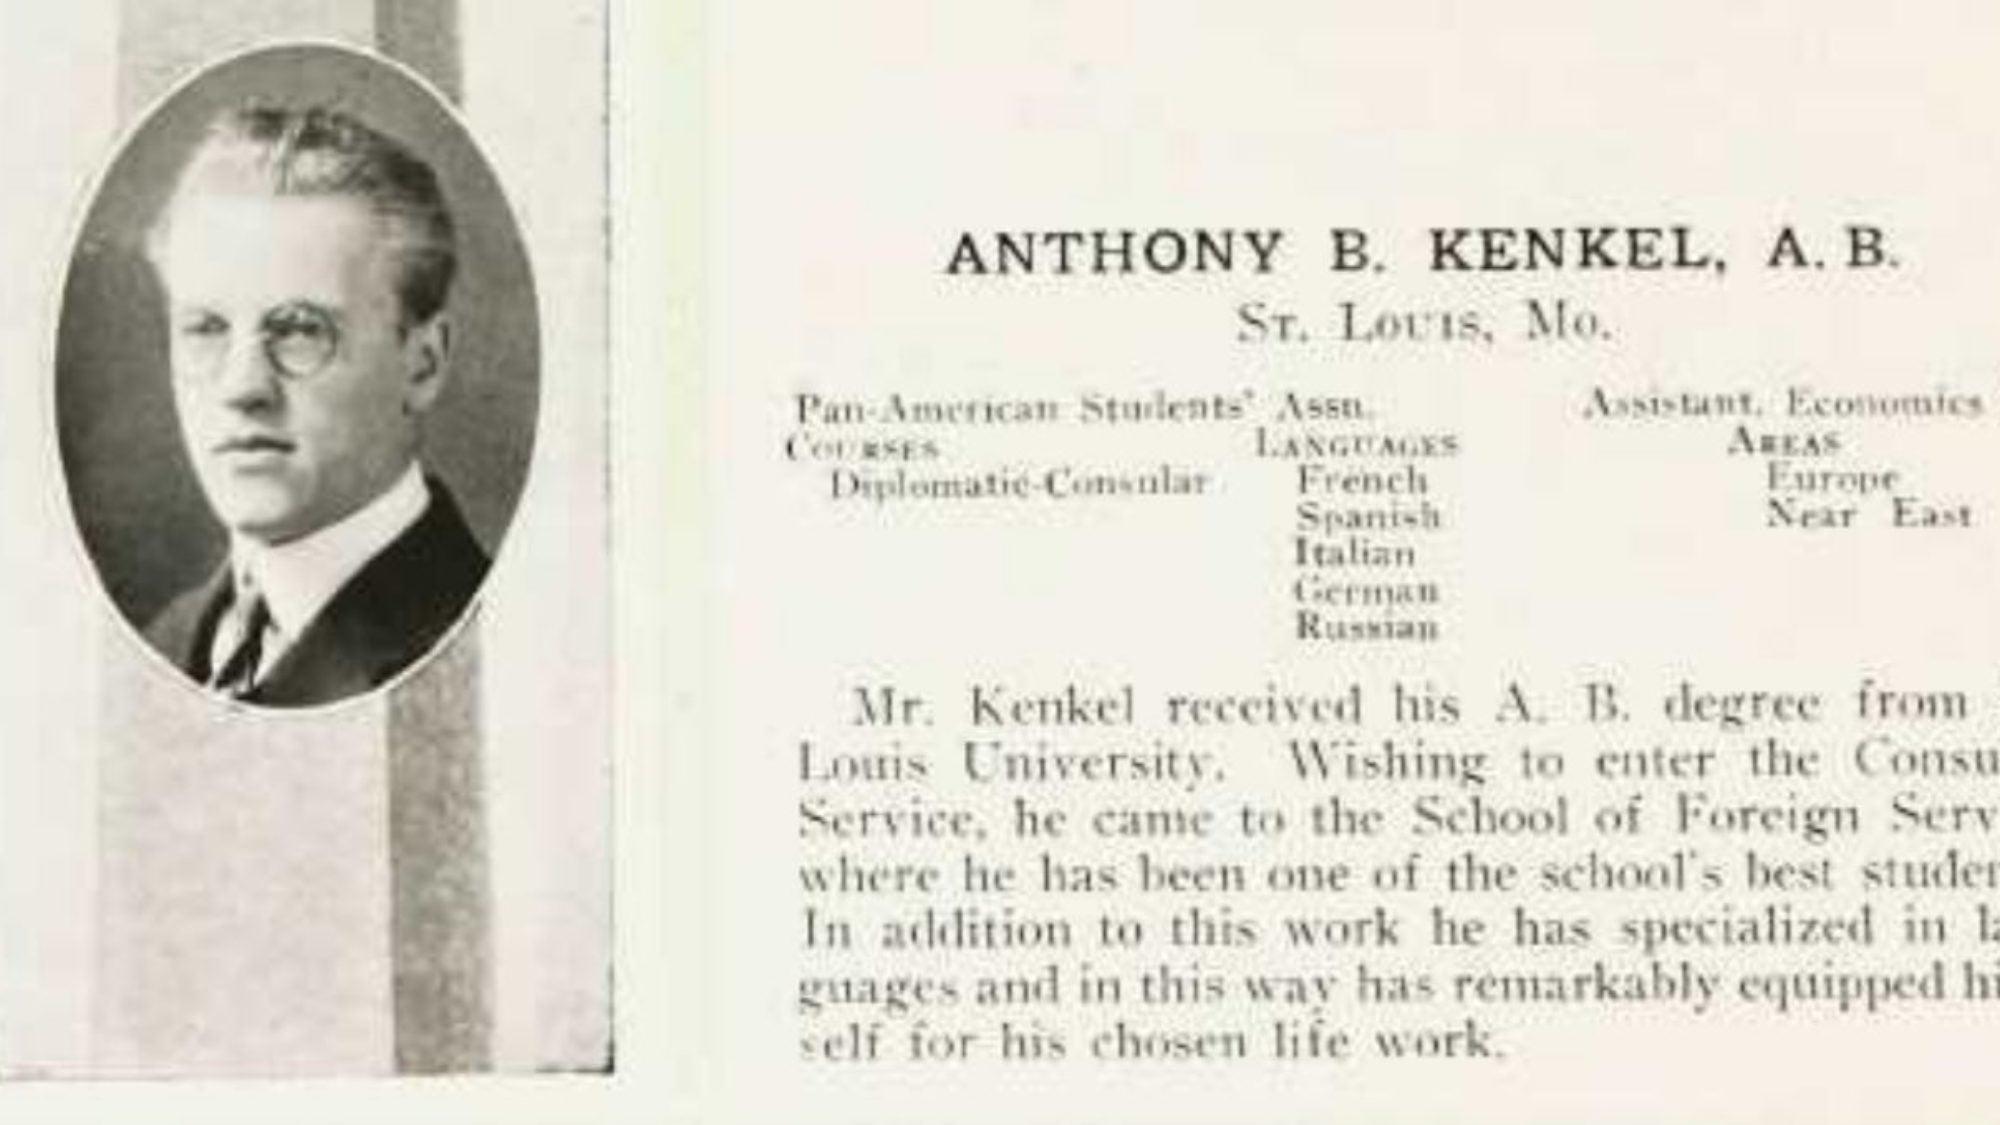 Anthony B. Kenkel Yearbook Entry